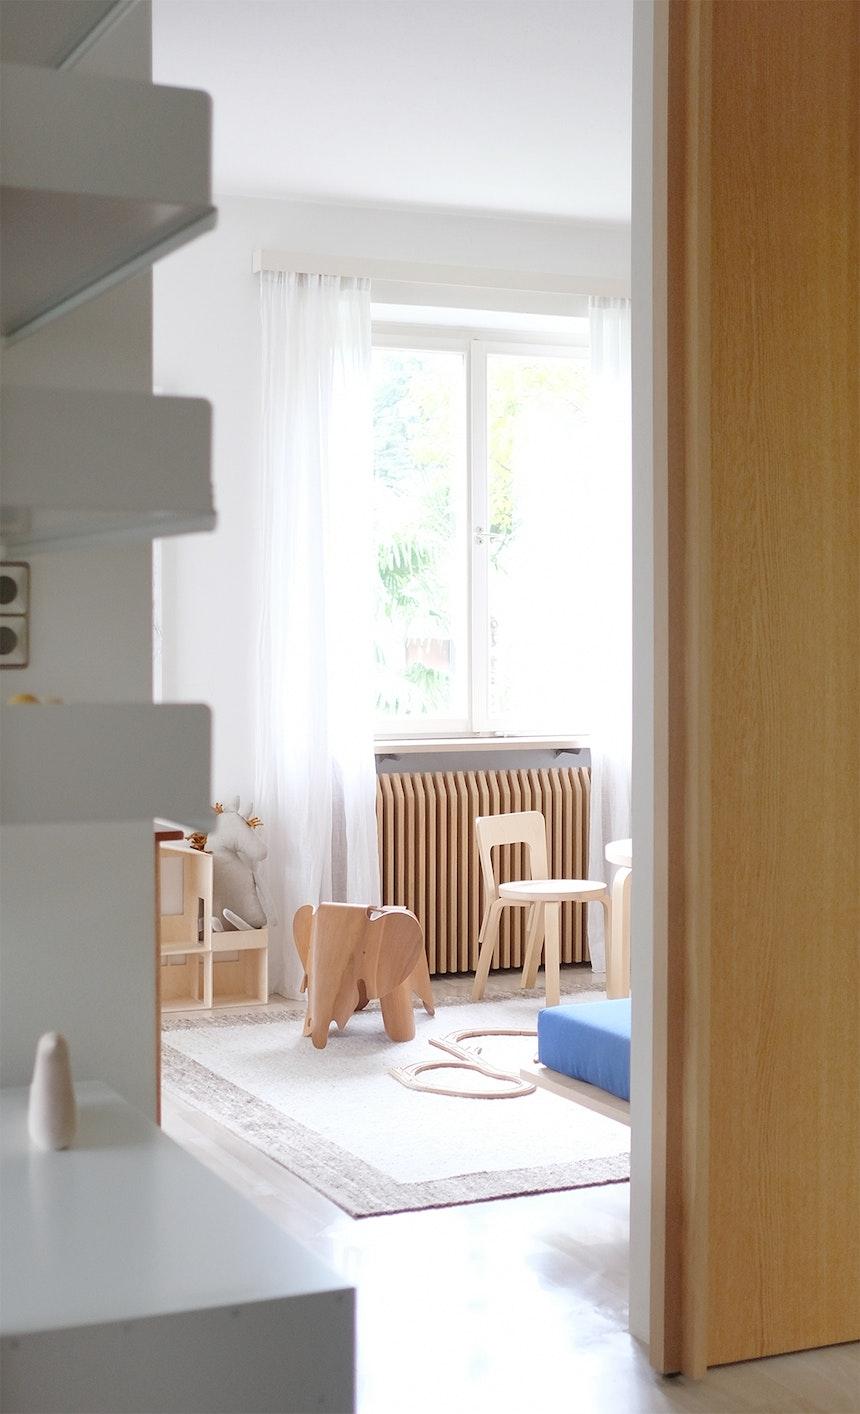 Sonnendurchflutet und mit Elefant – Das Kinderzimmer der Villa Fluggi, eingerichtet mit Möbeln und Accessoires von Artek, Vitra, Svenskt Tenn u.a.